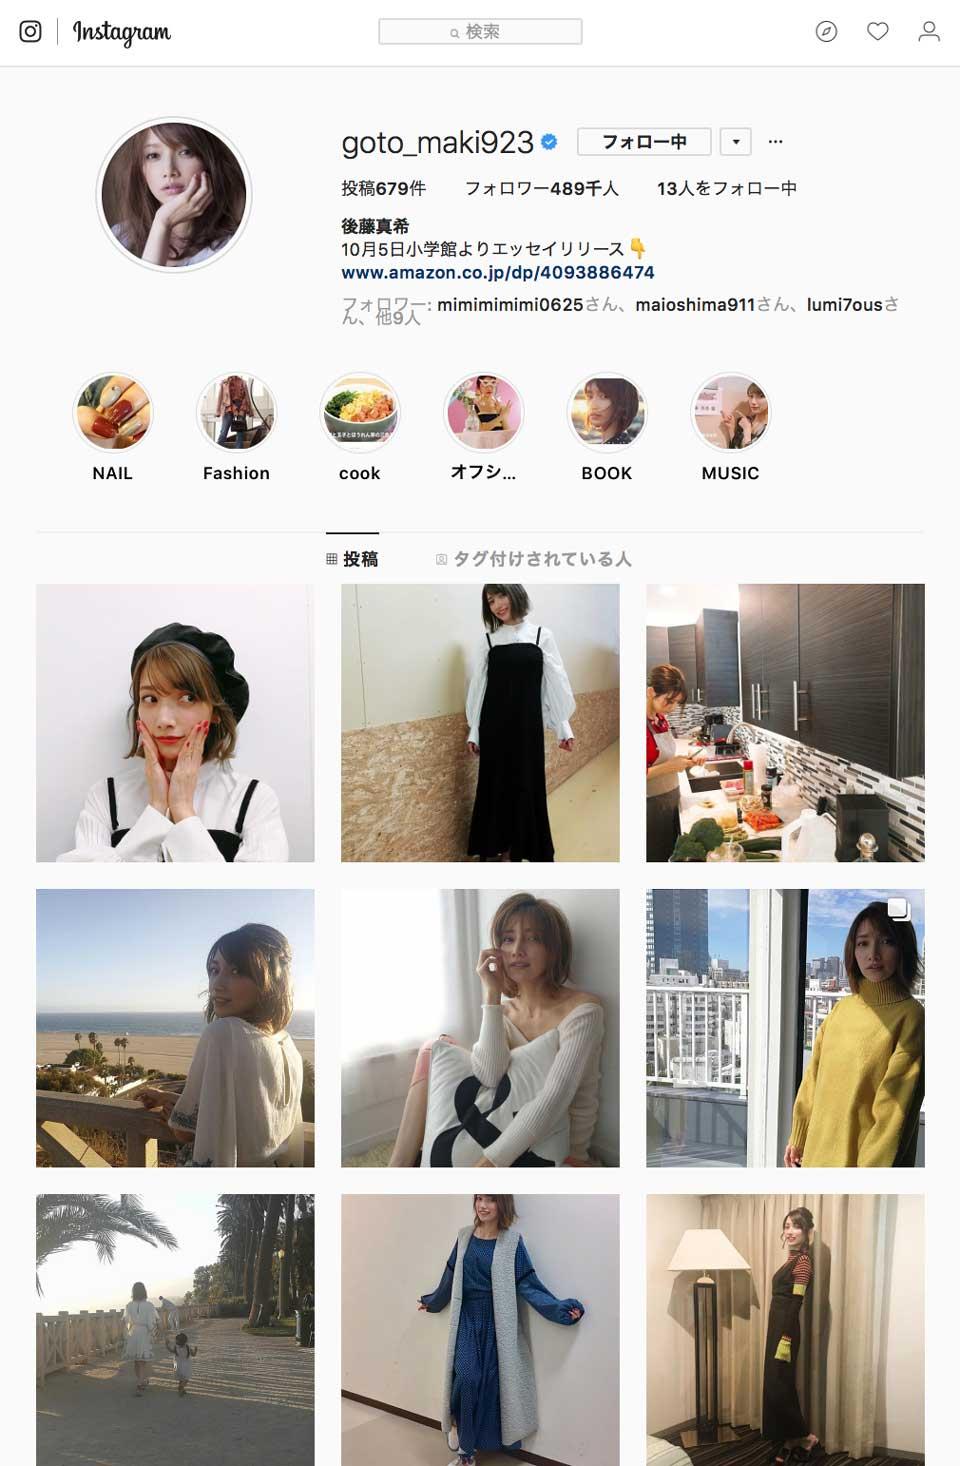 後藤真希(ゴマキ)さんの人気イベントに参画!元モー娘。OGの魅力やプロフィール、握手会、イベント、公式インスタとは?? gotomaki_maki_goto_official_instagram